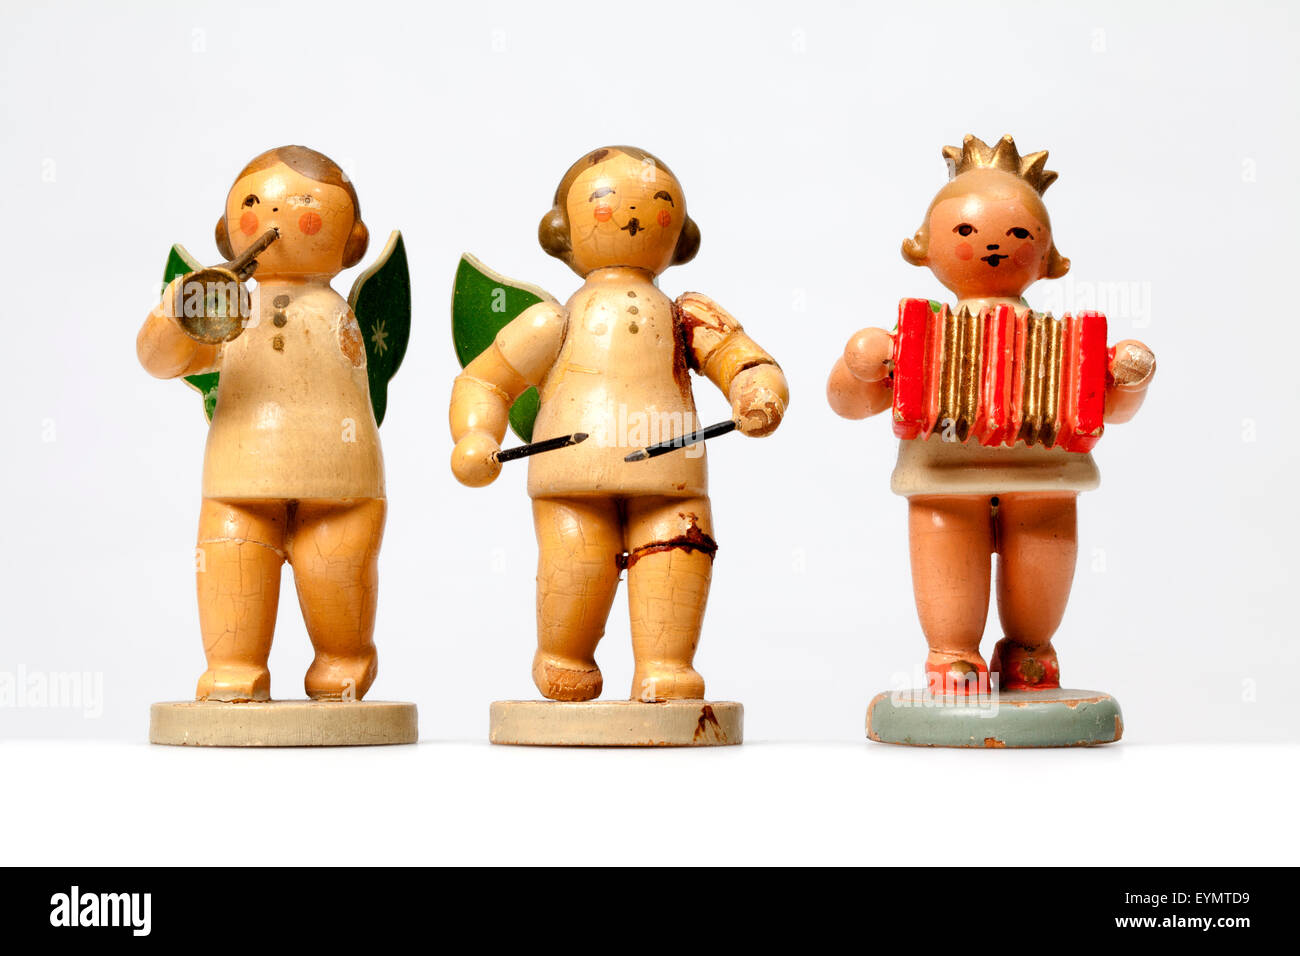 Legno rotto angeli suonano strumenti musicali, dai Monti Metalliferi, Germania, Europa Immagini Stock